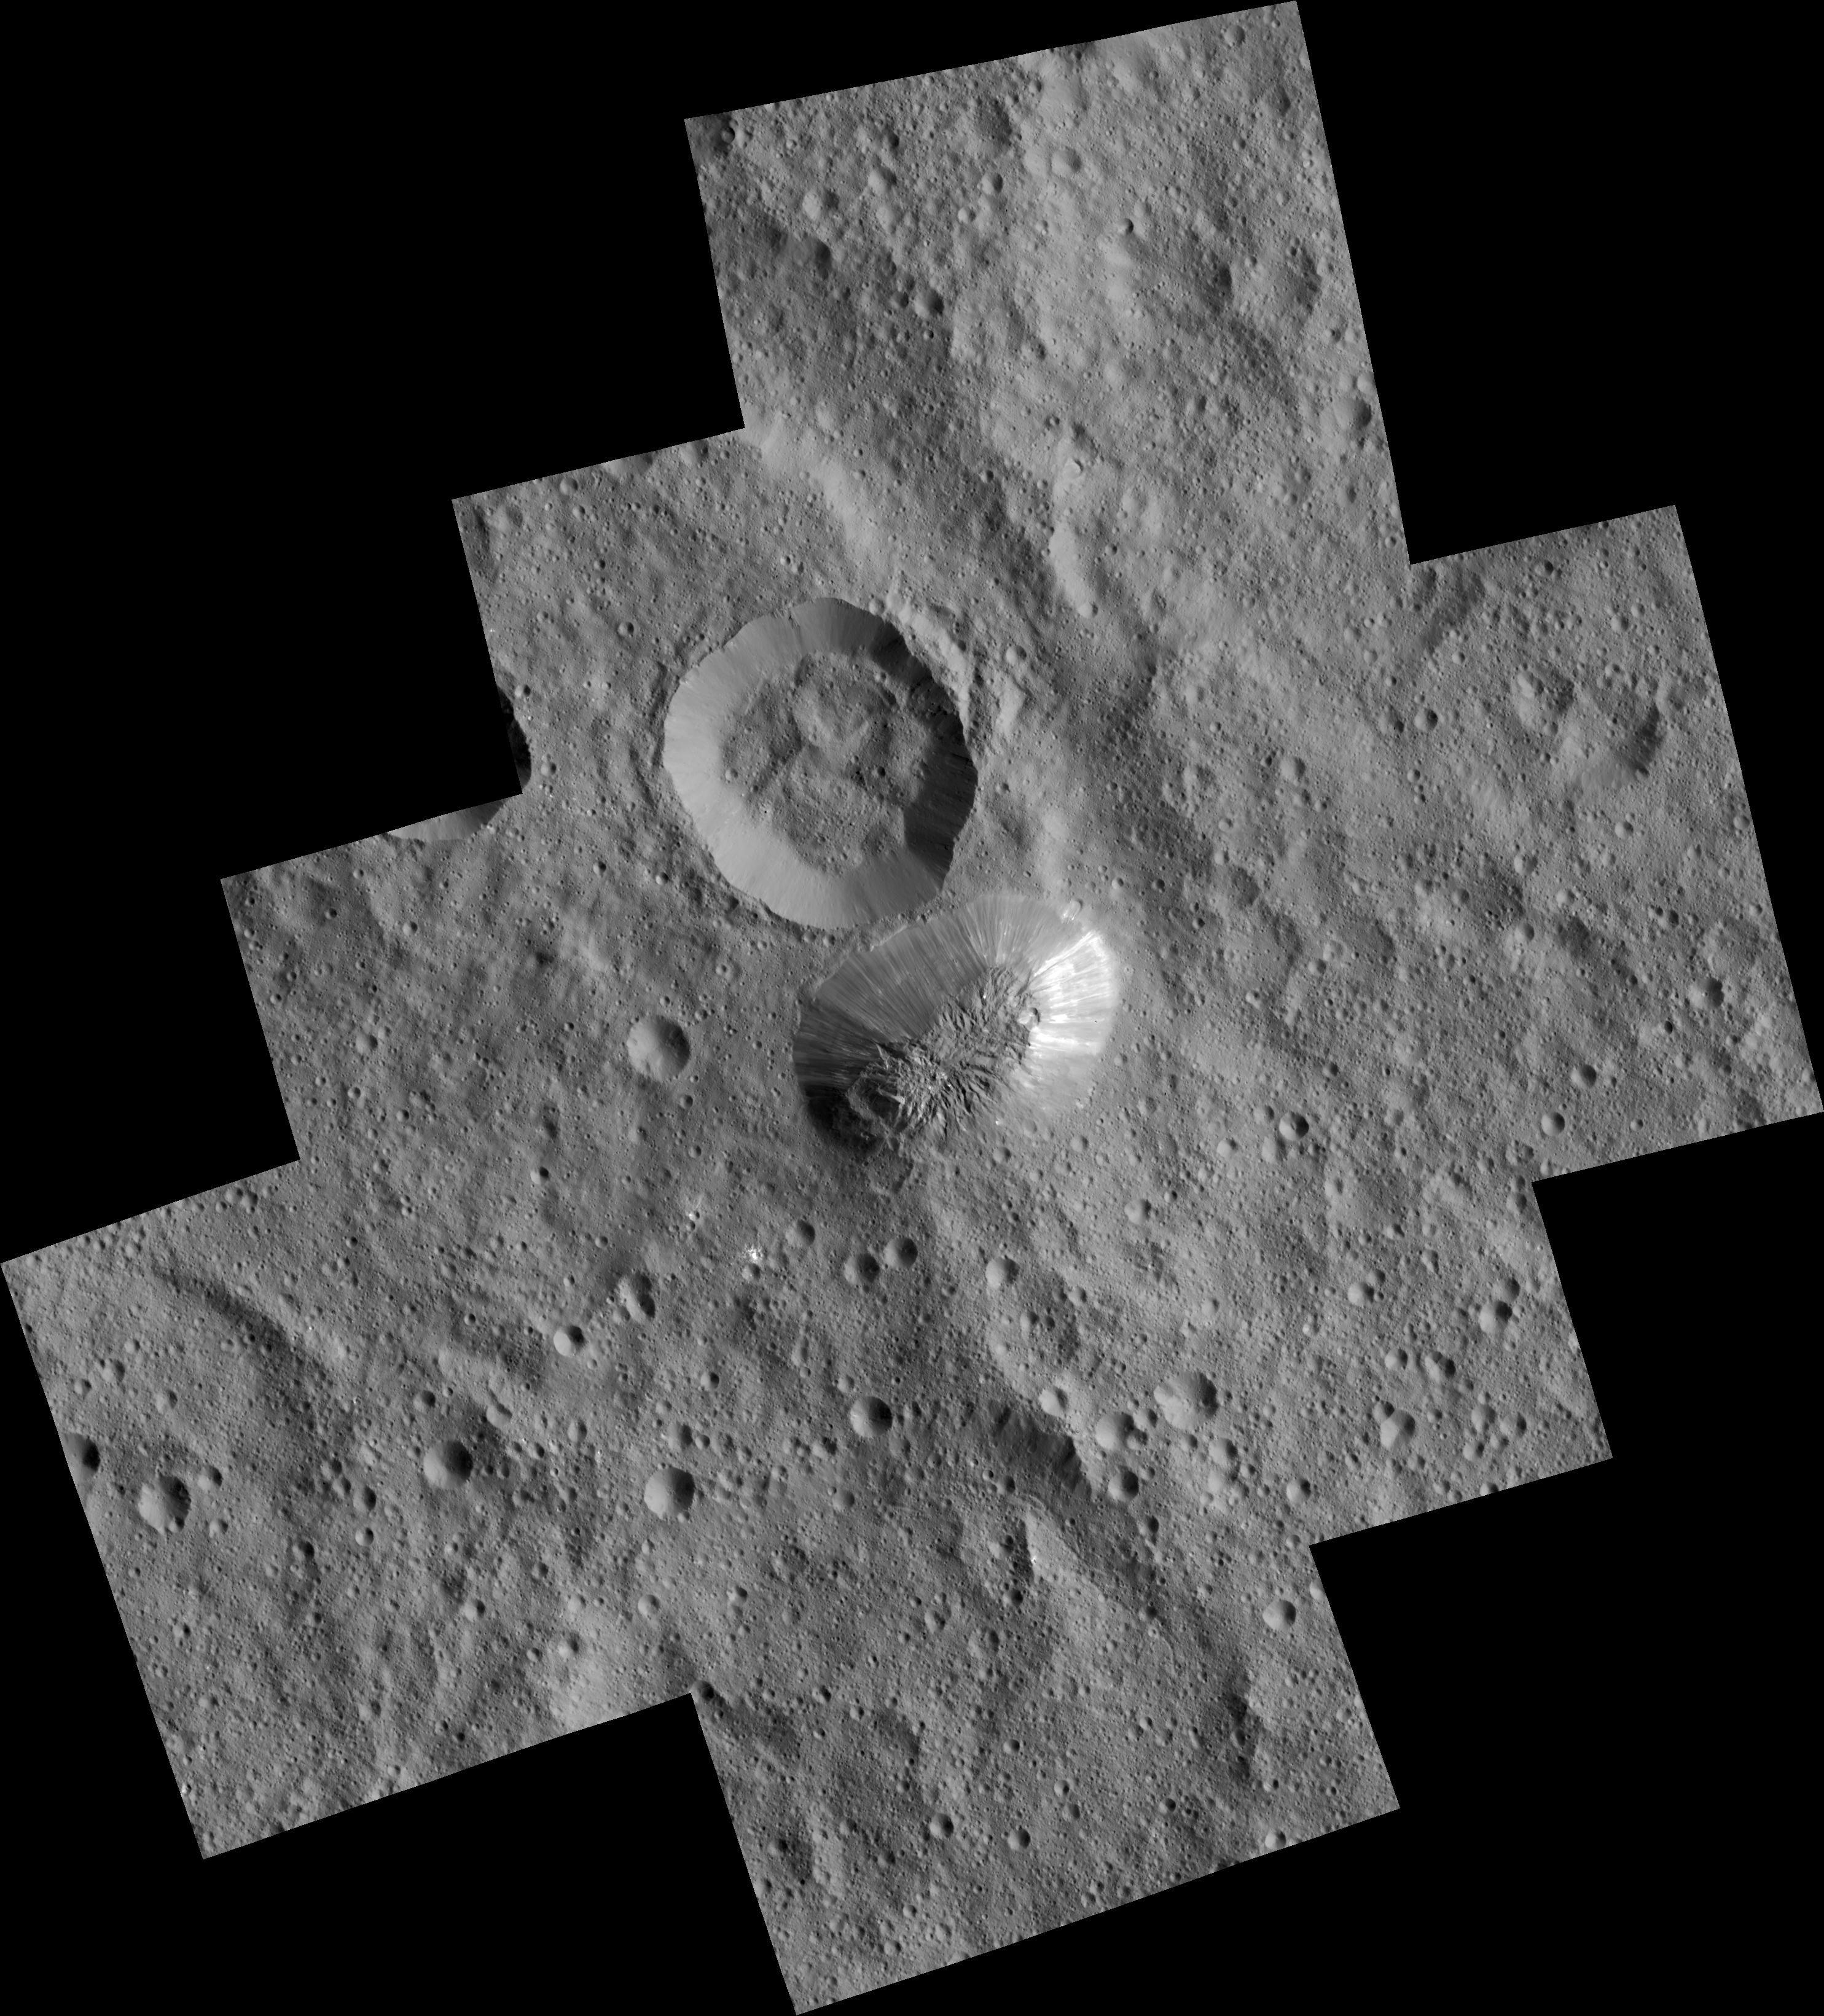 Ahuna Mons. (NASA / JPL / Dawn mission)